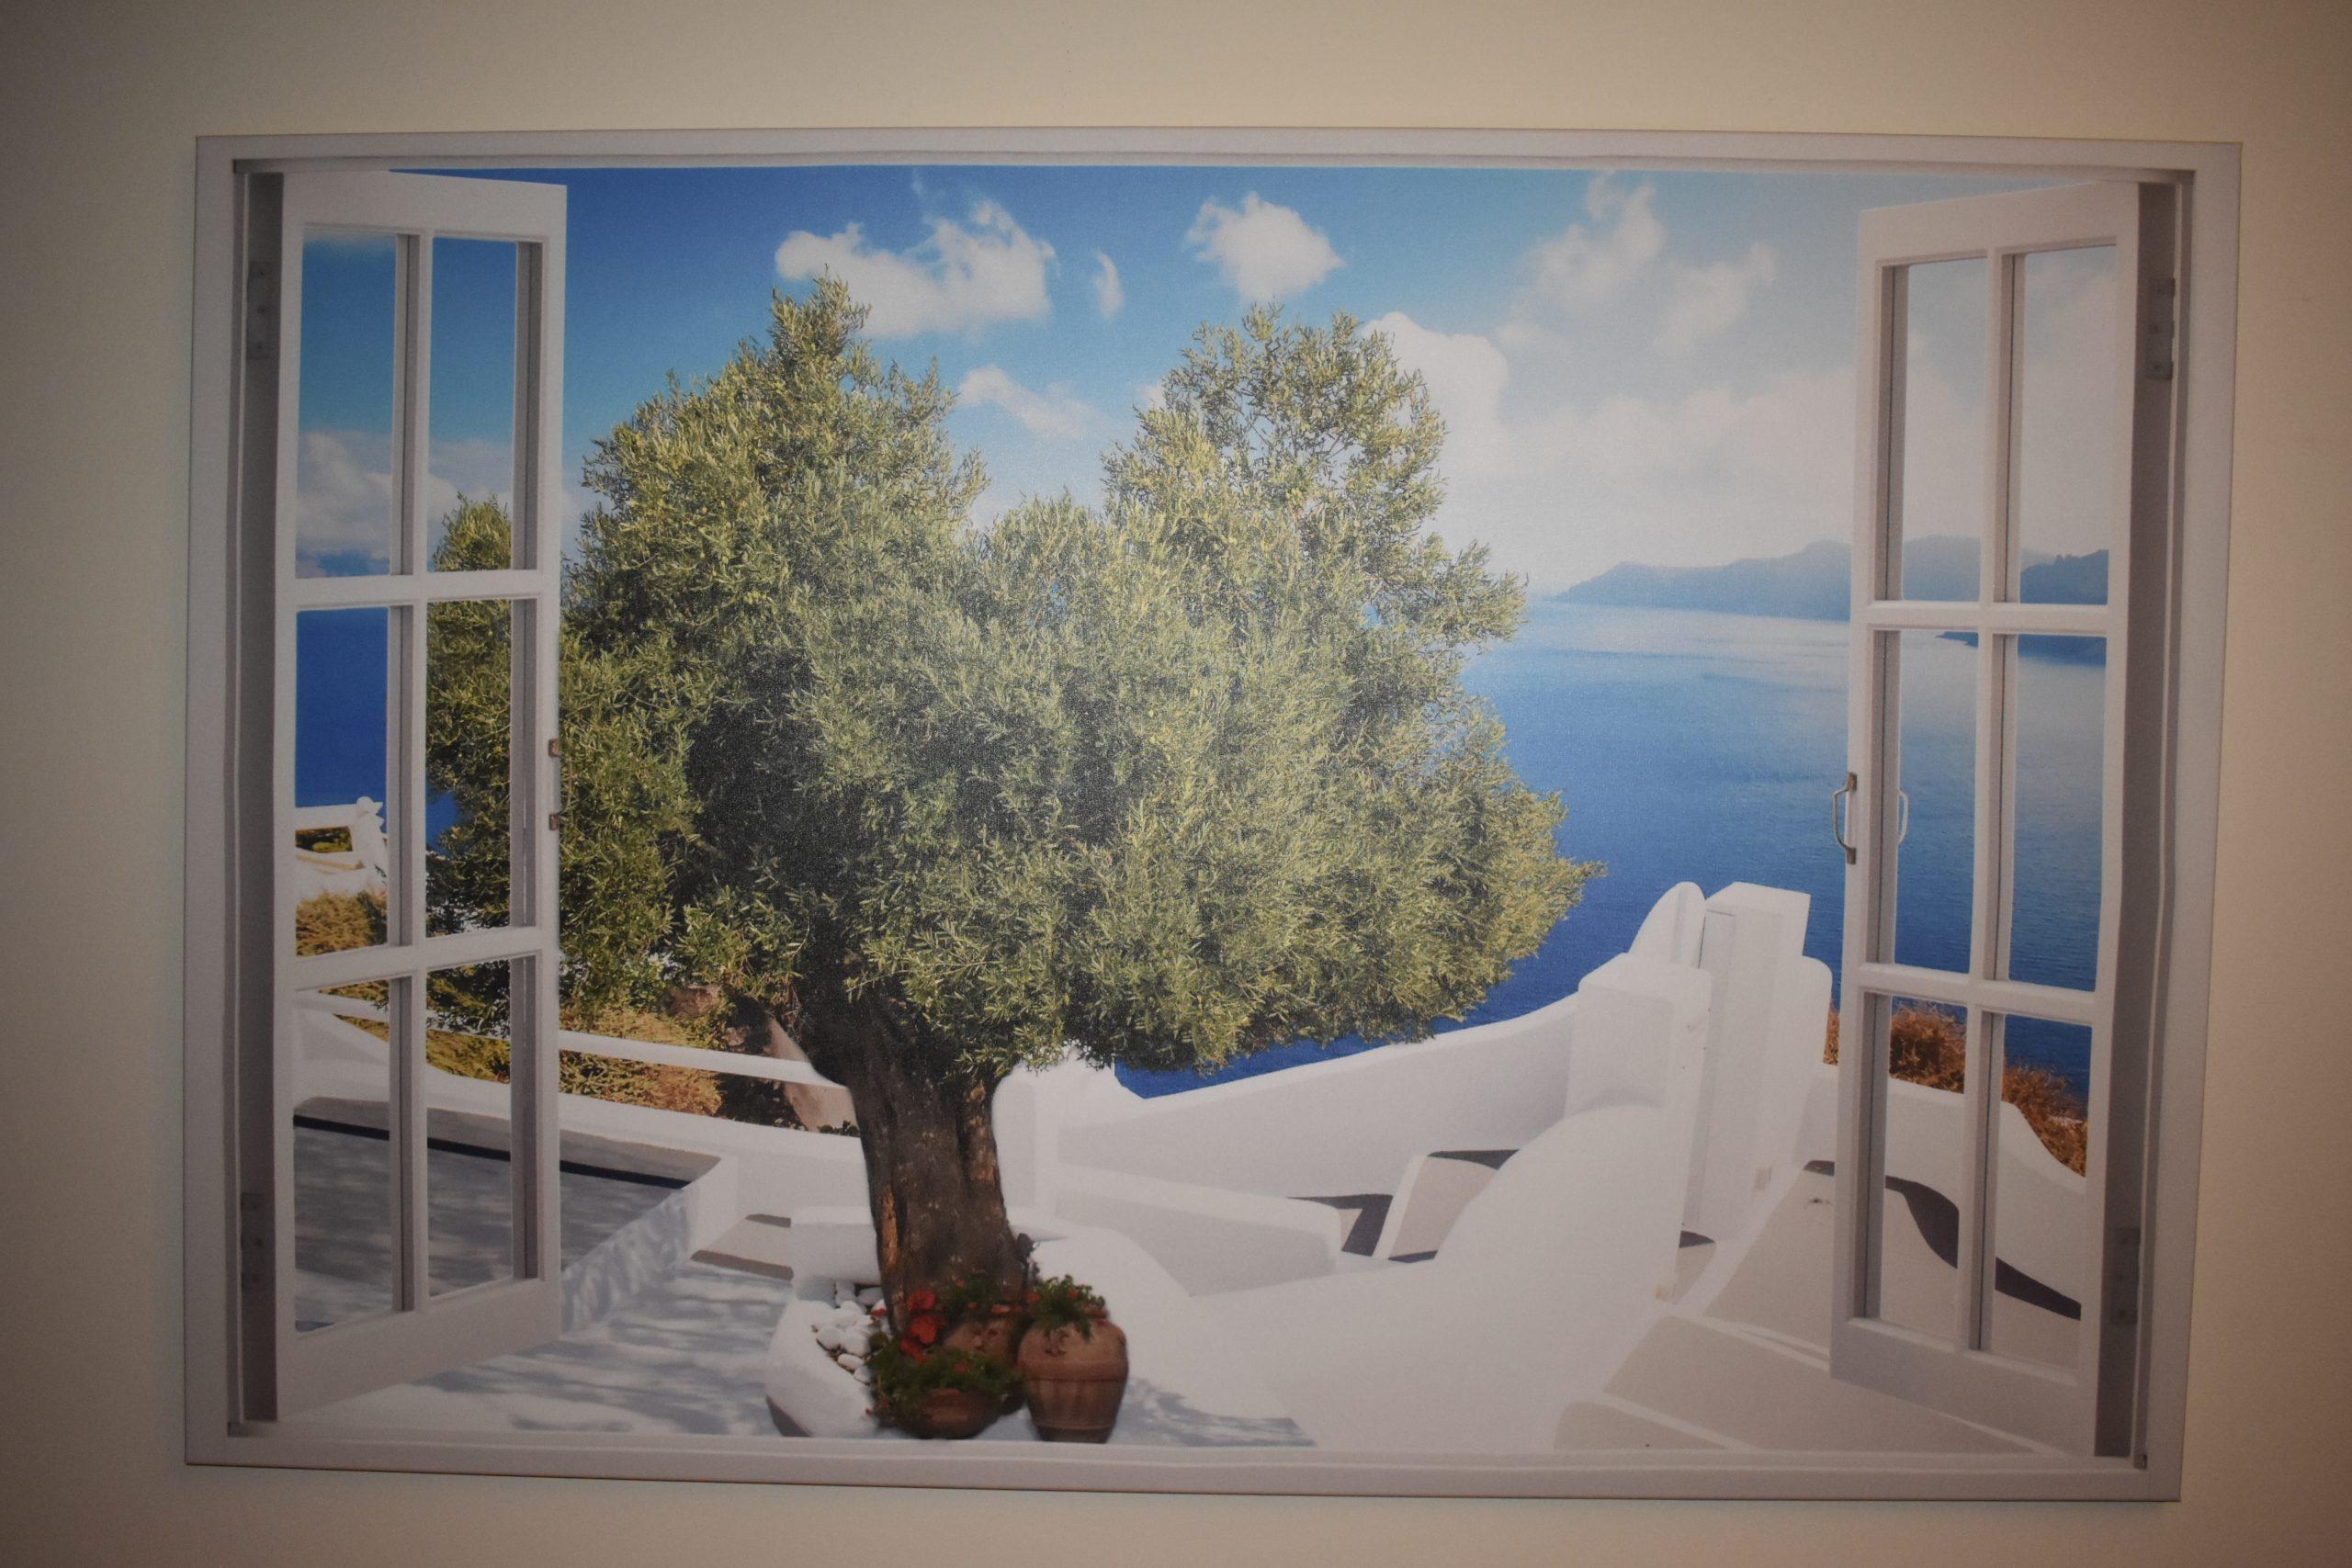 Τέταρτη φωτογραφεία γραφείου για ψυχοθεραπεία της M.Sc. Ψυχολόγου - Παιδοψυχολόγου Μαρία Παπουτσή